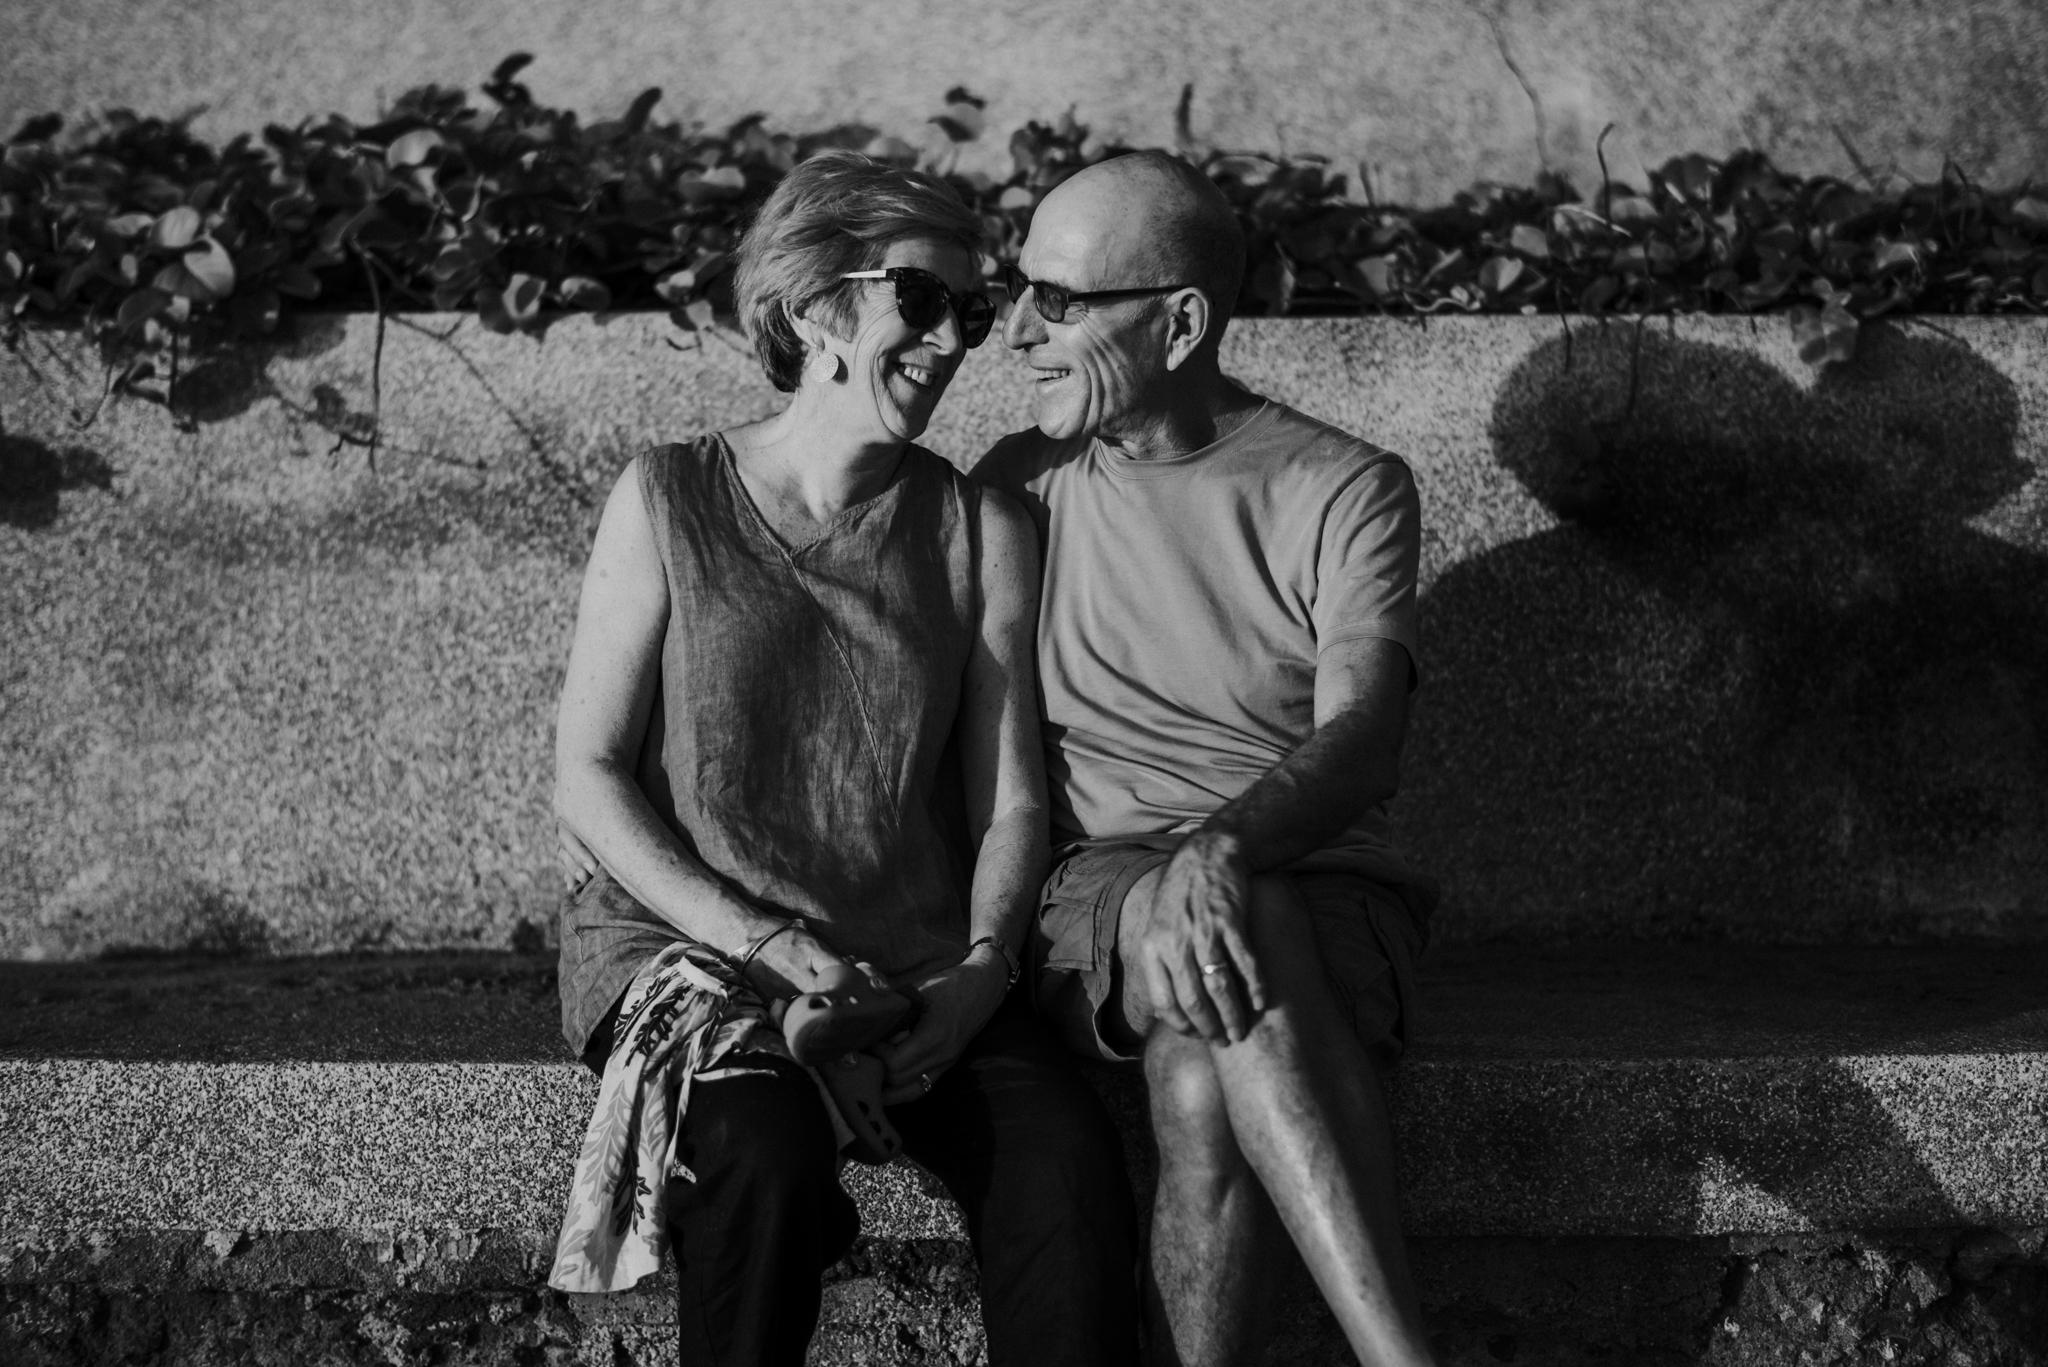 the kissing shadow